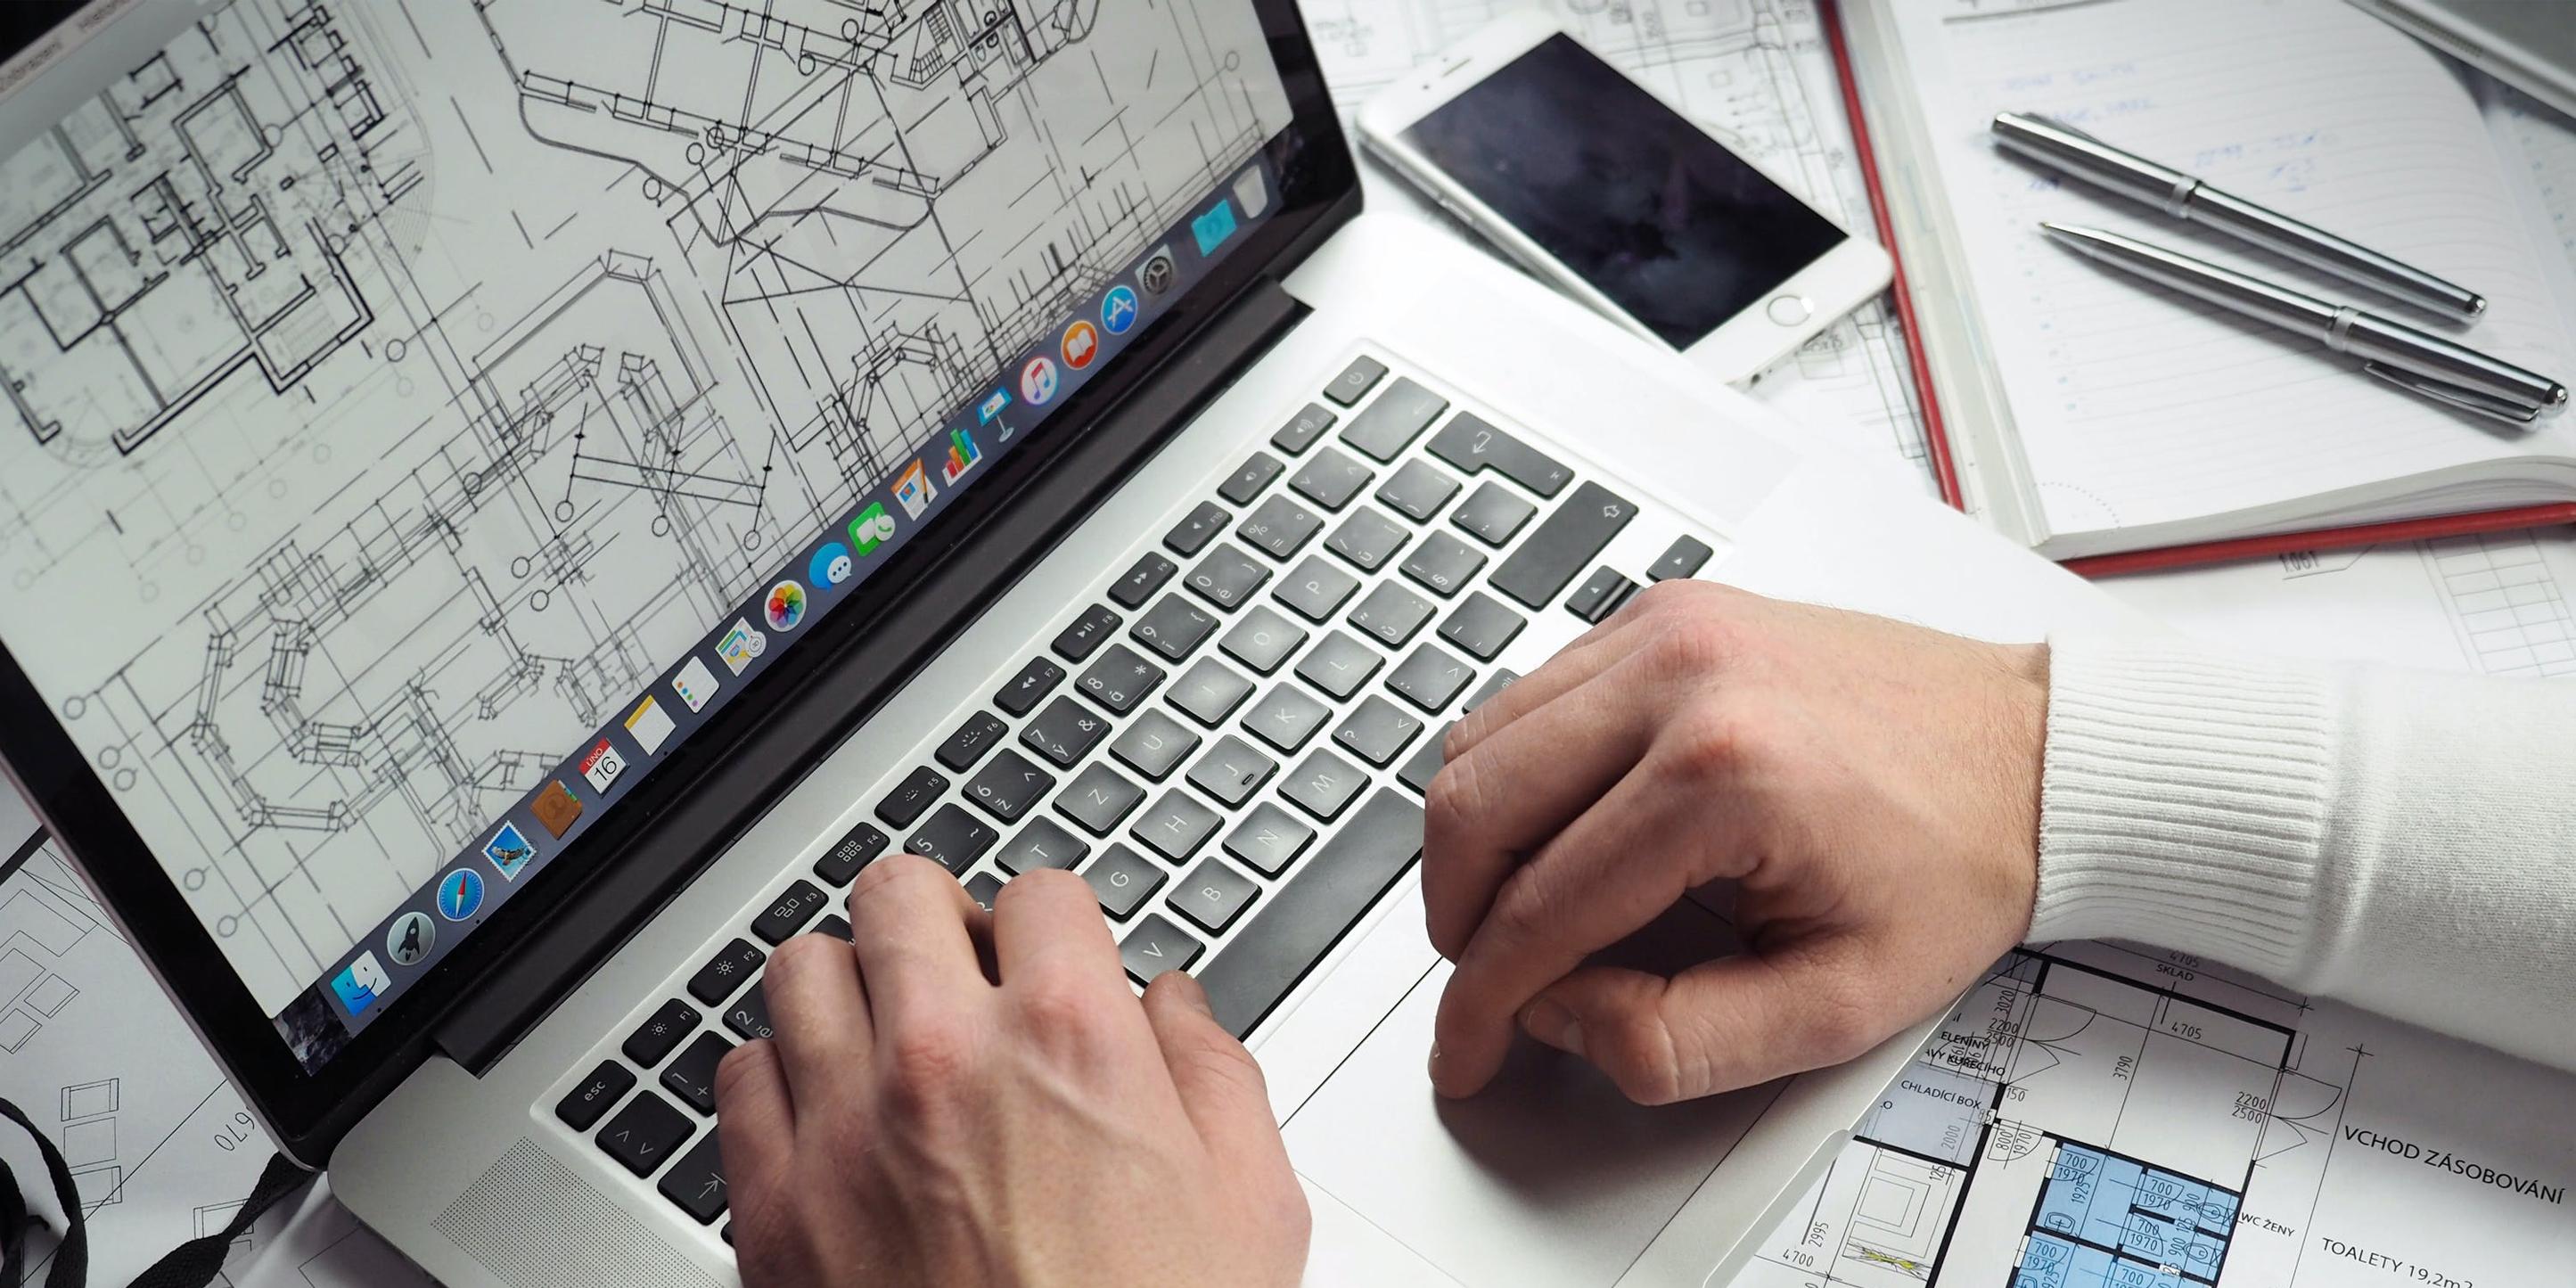 Ein Mann sitzt vor einem Laptop, auf dessen Bildschirm ein Grundriss zu sehen ist.